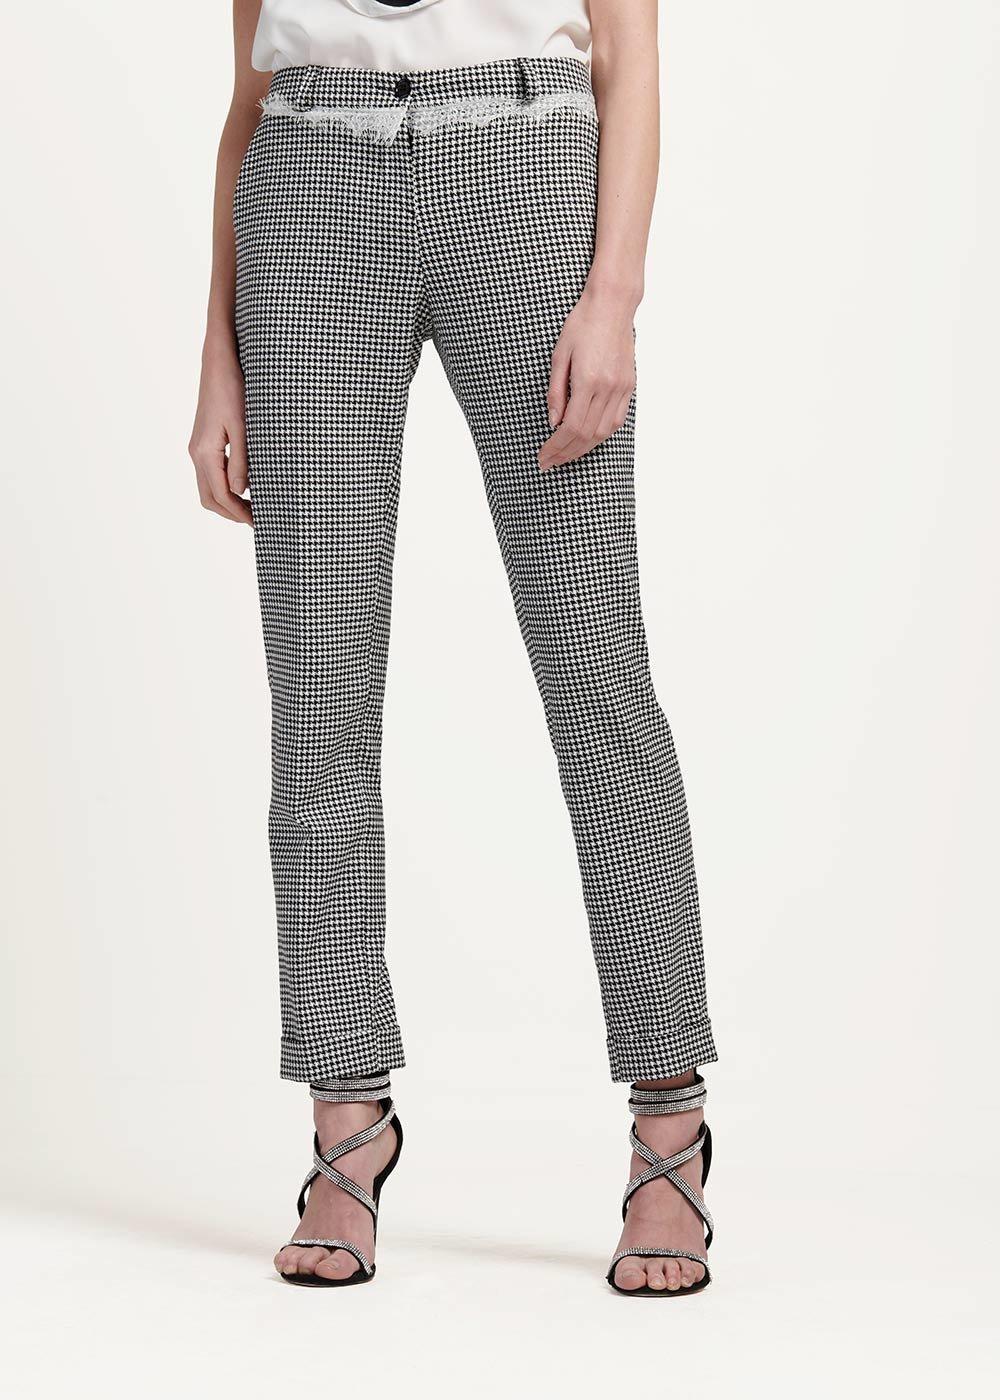 Pantalone modello Bella fantasia Black&White - White Black Fantasia - Donna